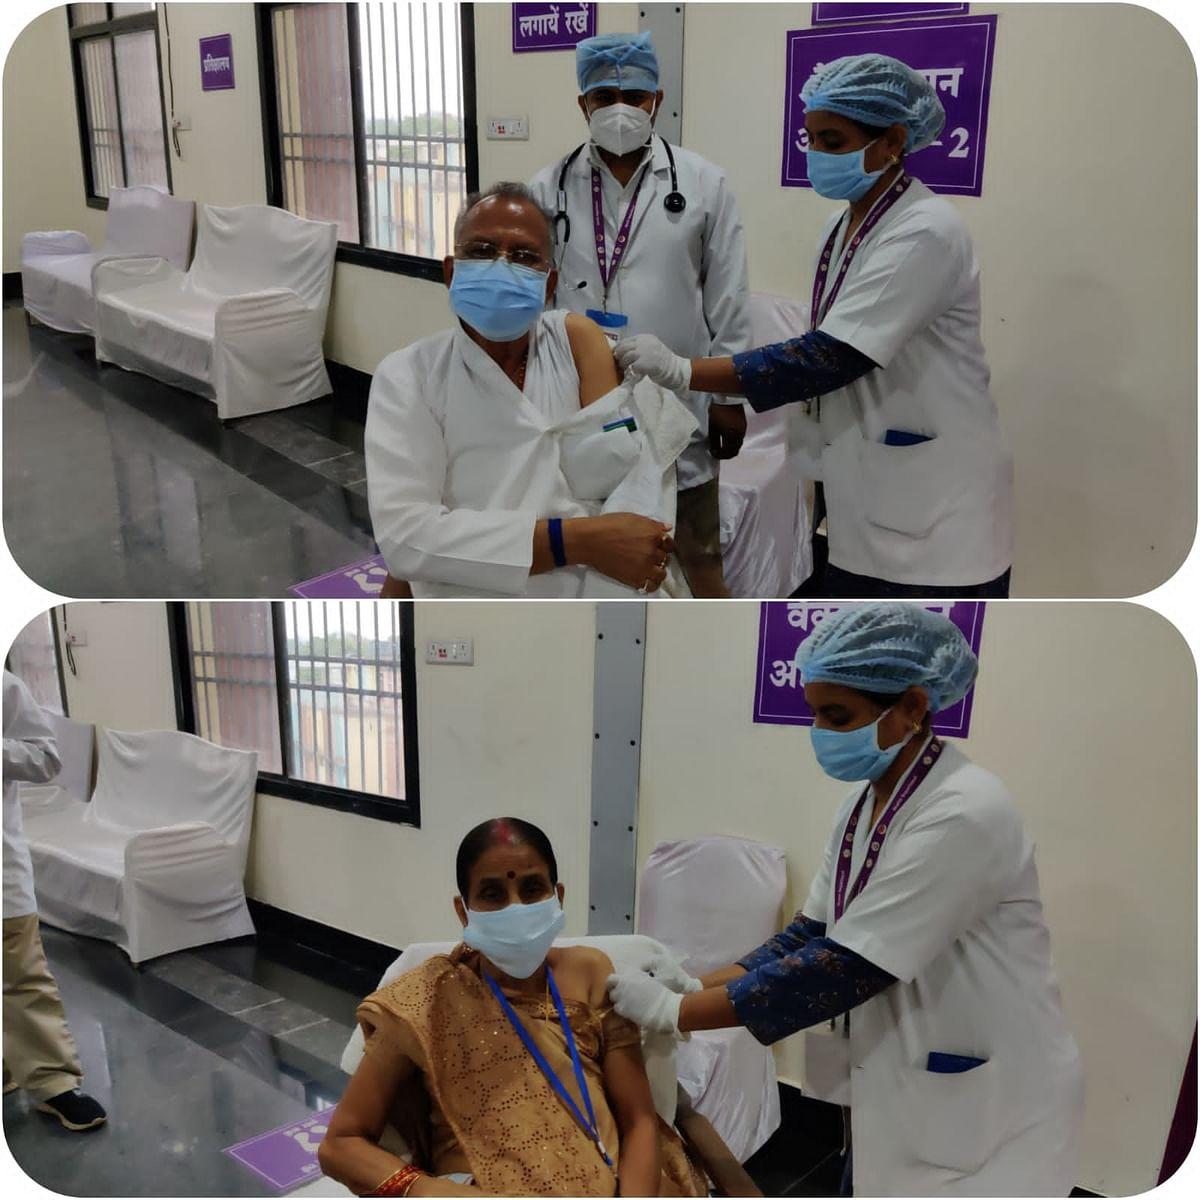 रायपुर : गृहमंत्री ताम्रध्वज साहू ने अपनी धर्मपत्नी के साथ लगवाया कोरोना वैक्सीन का दूसरा टीका